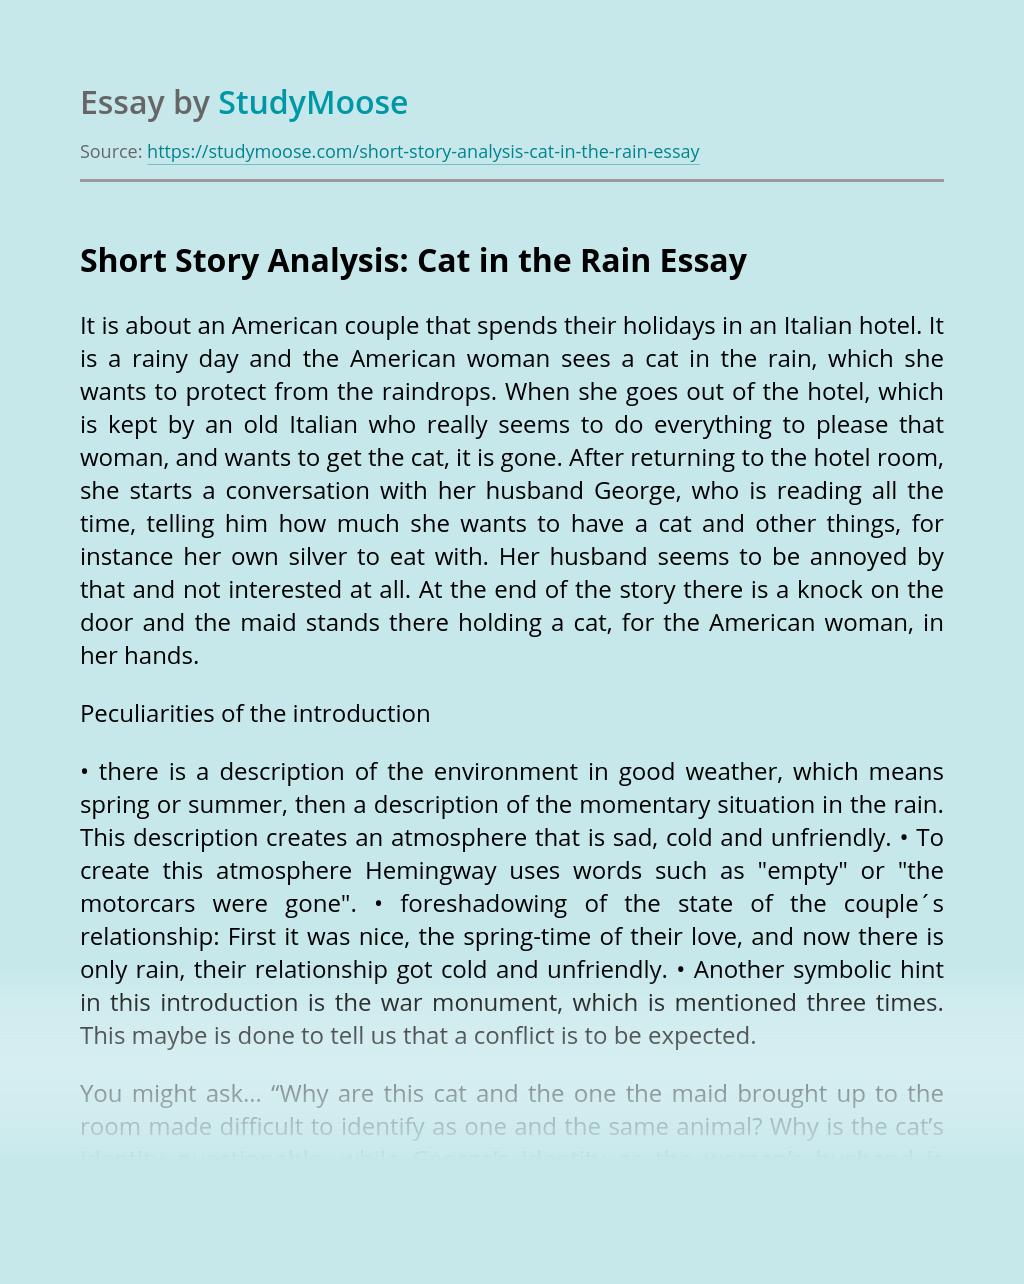 Short Story Analysis: Cat in the Rain